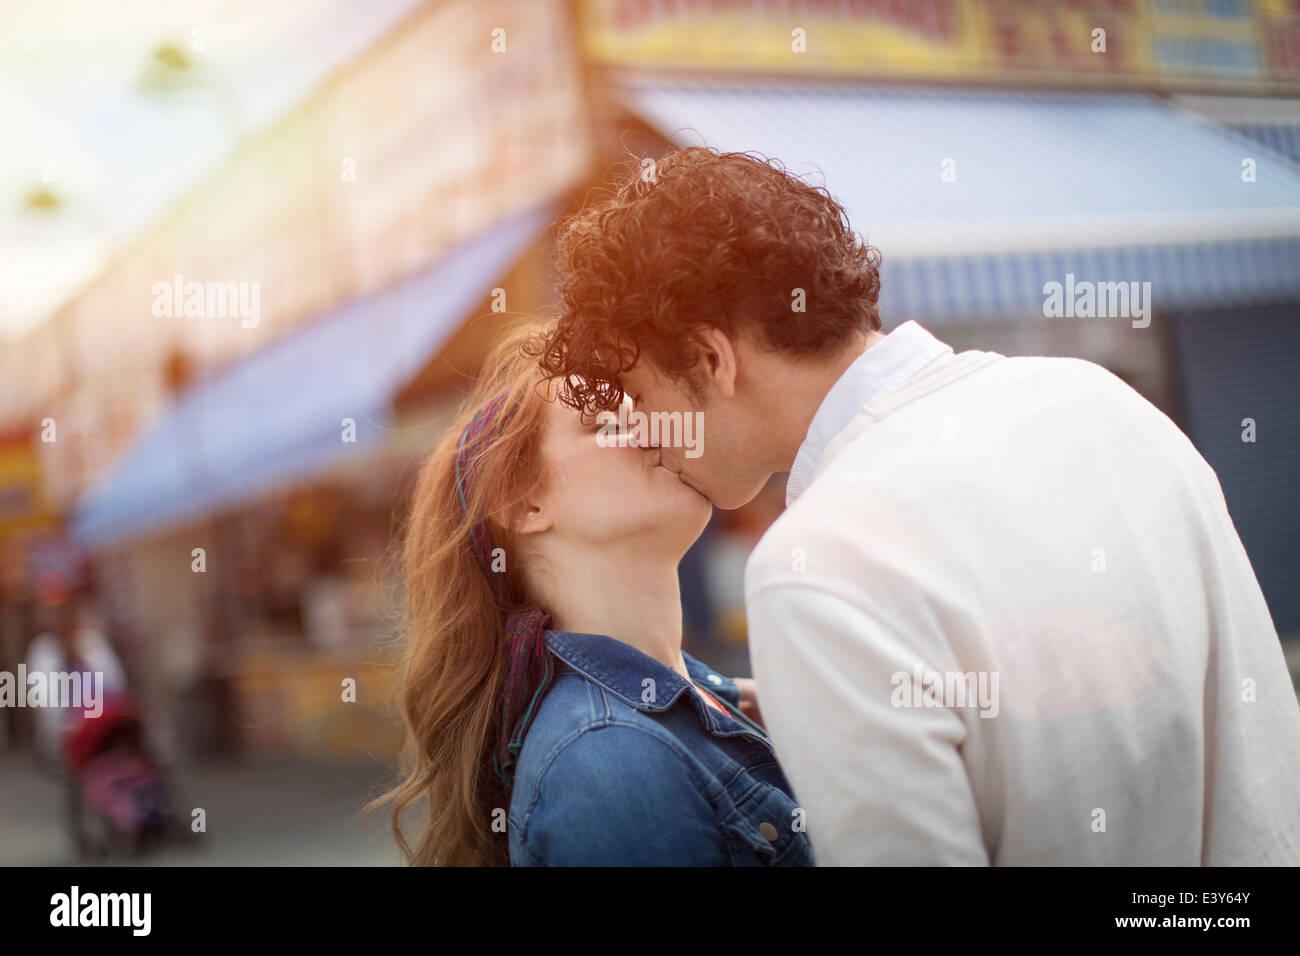 Pareja besándose en el parque de diversiones Imagen De Stock